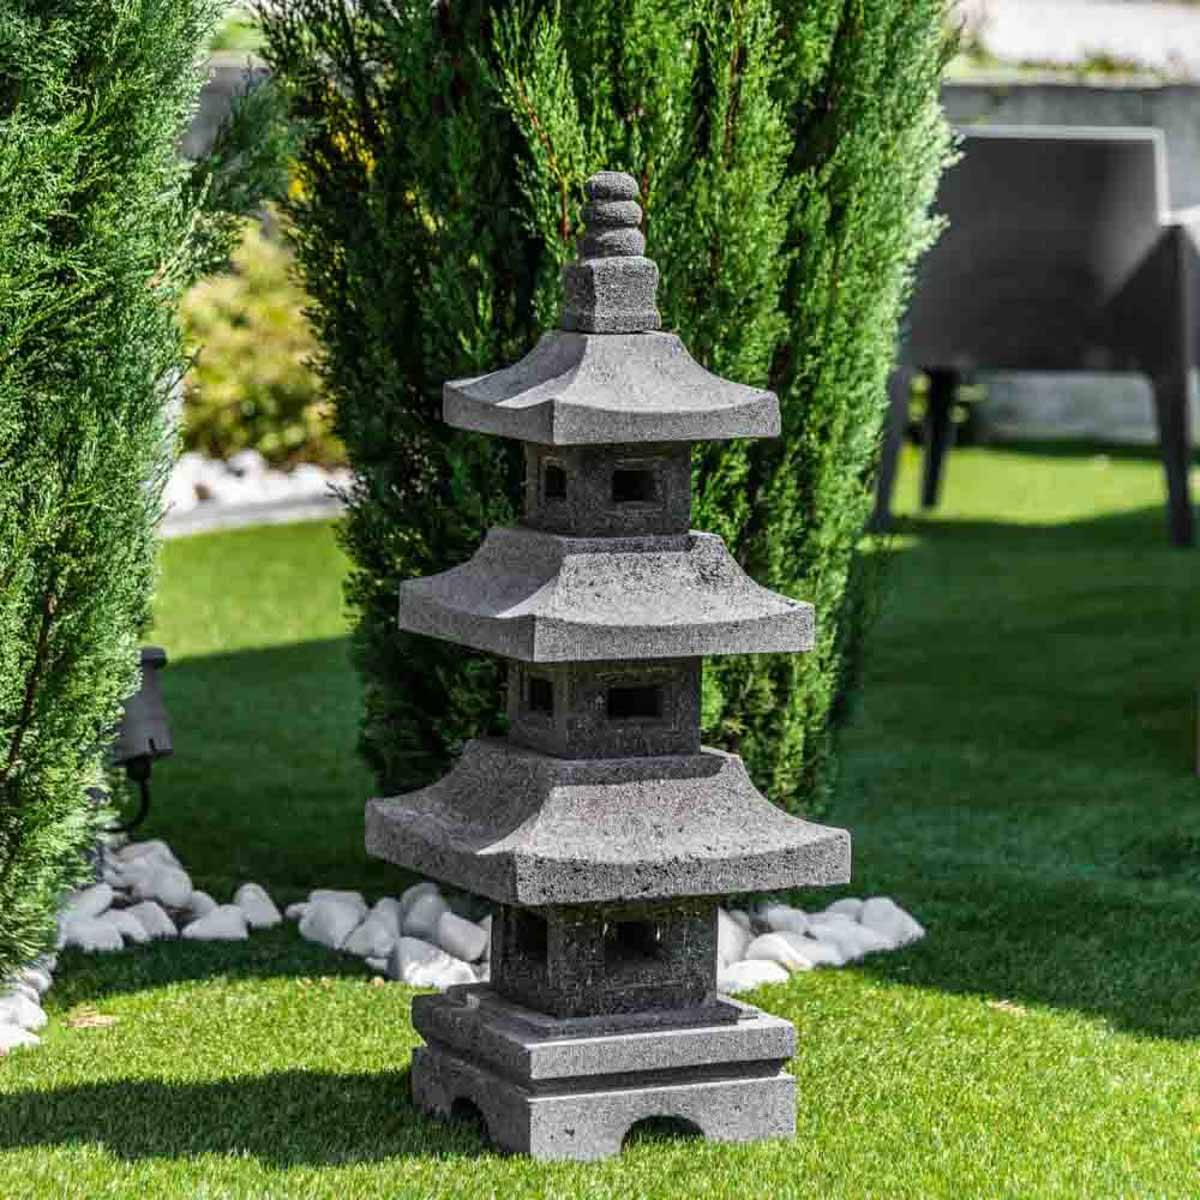 Wanda Collection Lanterne japonaise pagode en pierre de lave de 80 cm